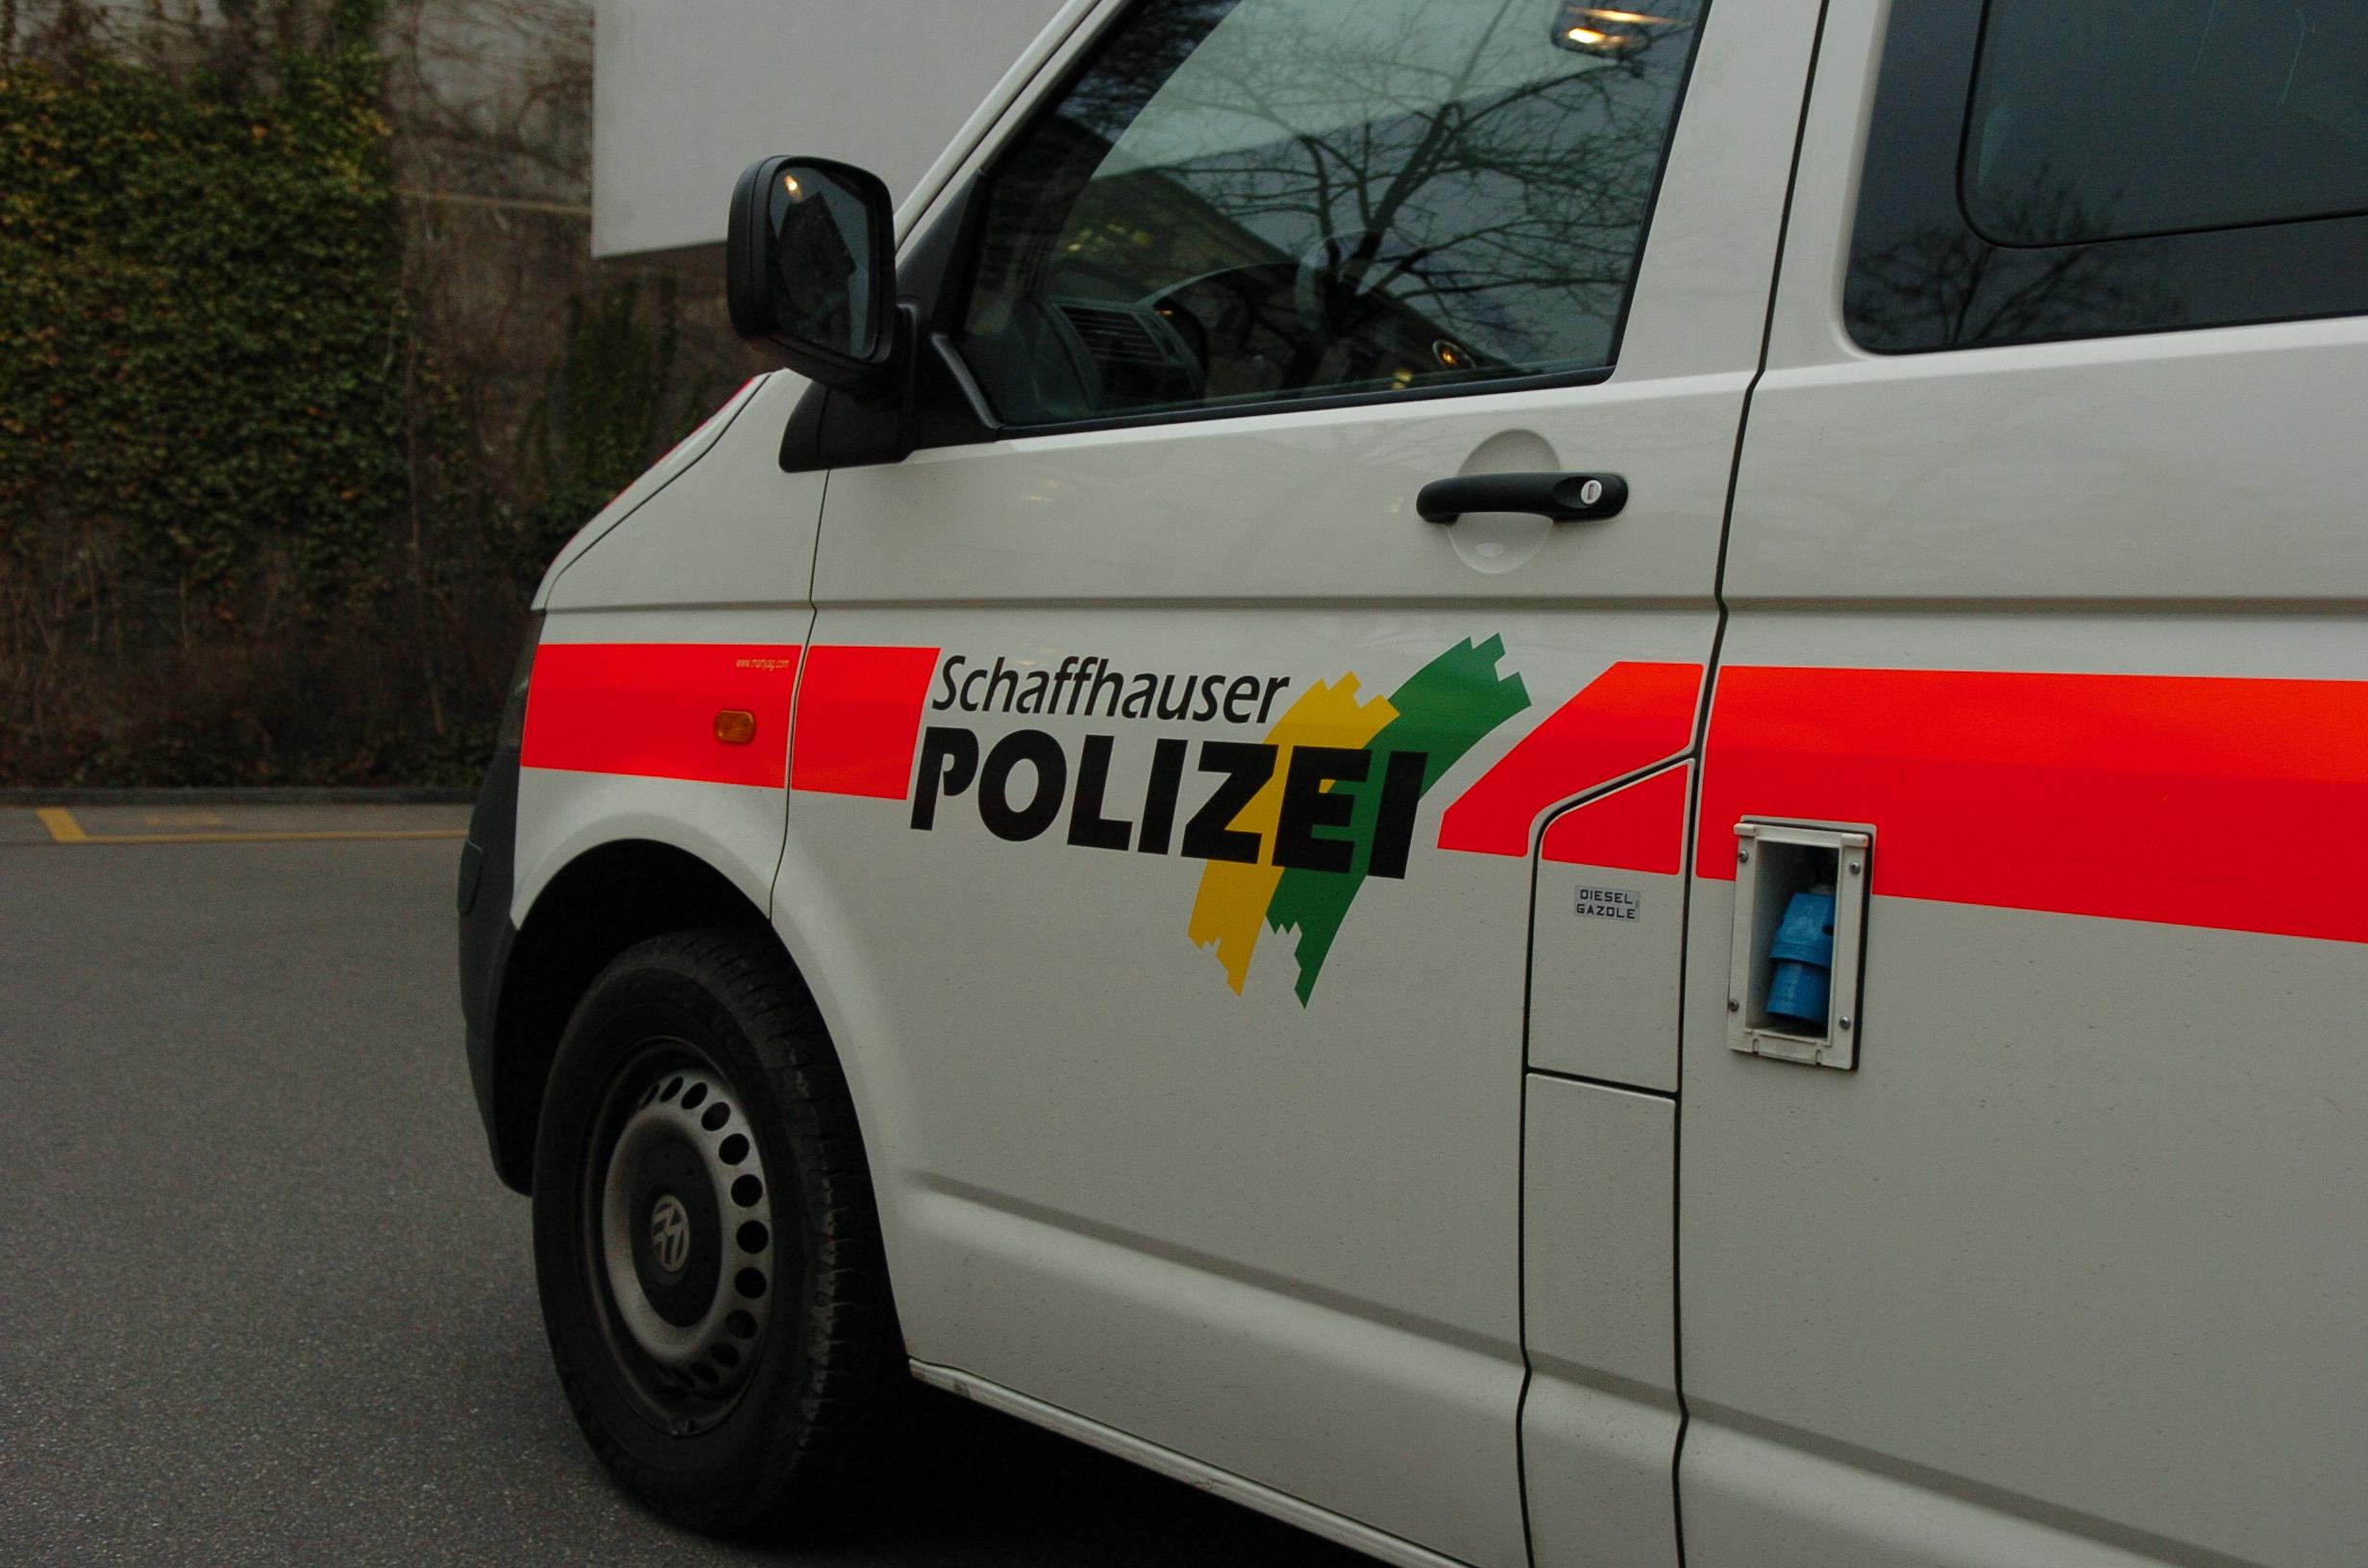 Polizei sucht nach Unfall einen Fahrradfahrer | Schaffhauser Nachrichten